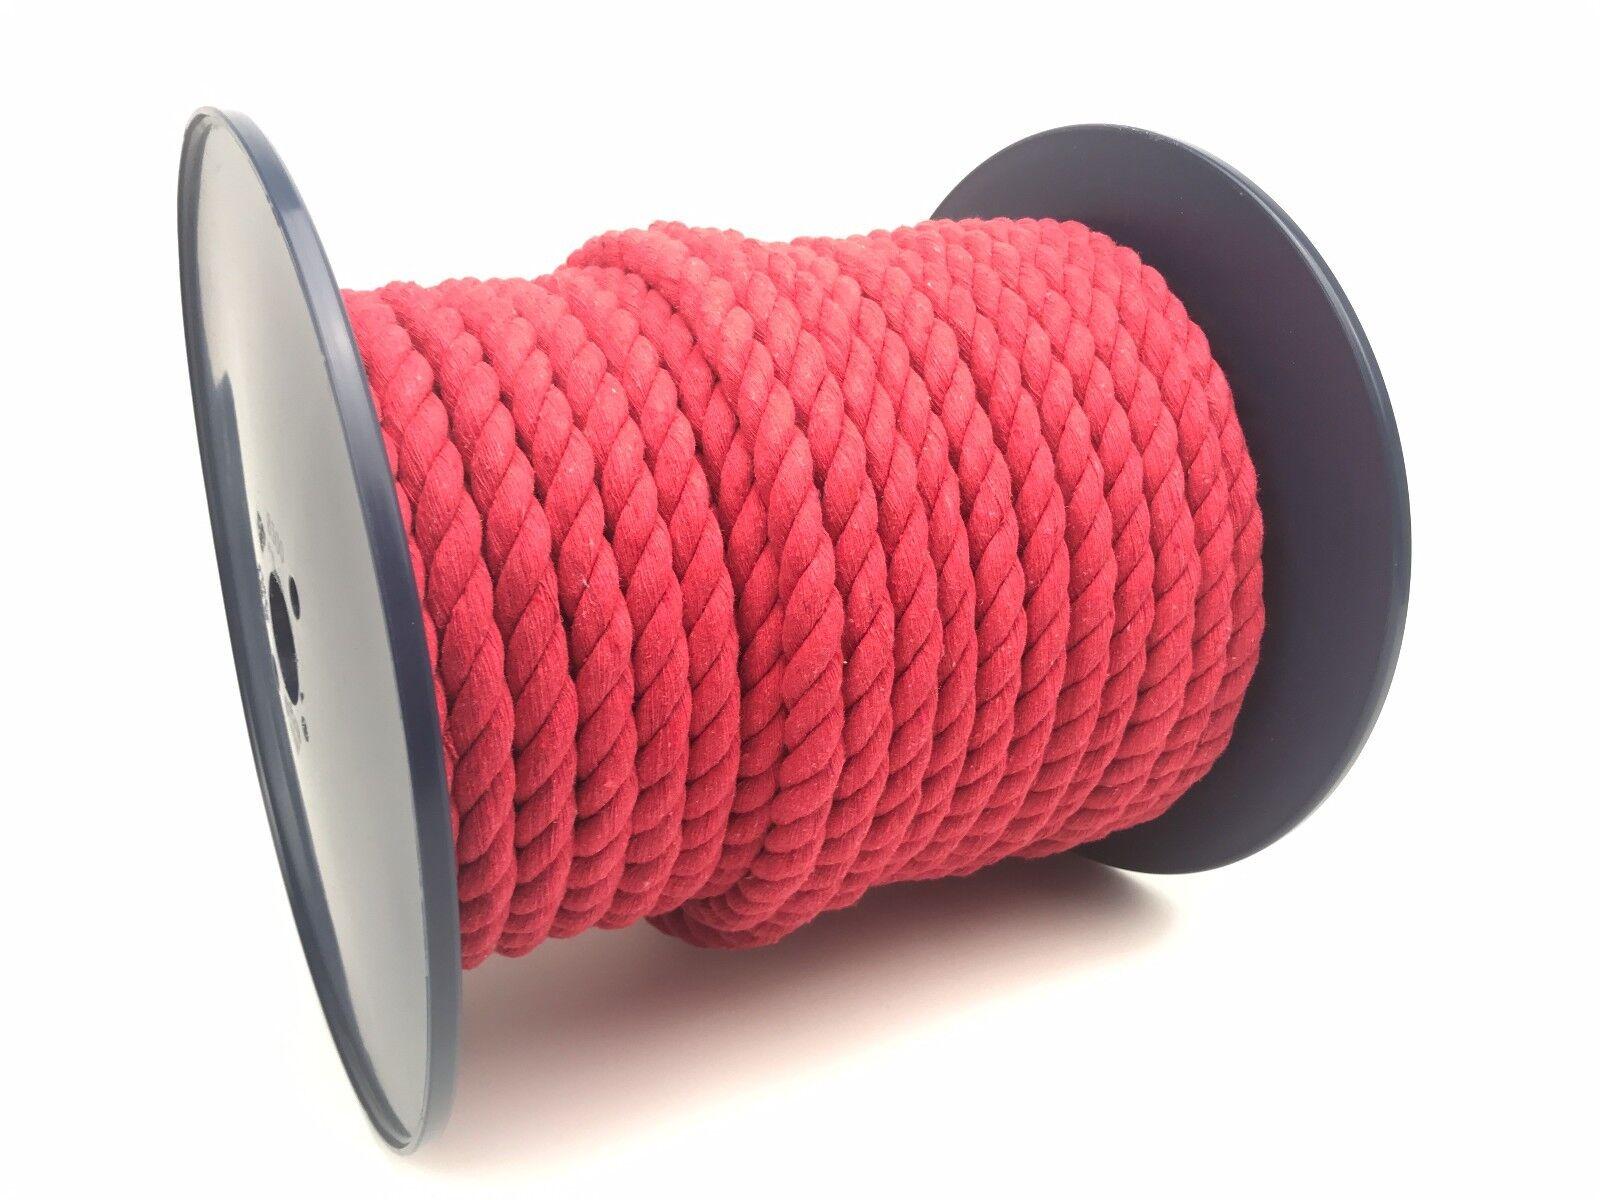 10mm rosso cotone cotone cotone naturale corda x 50 METRI rocchetto, Animali Giocattoli ARTE bf4b39